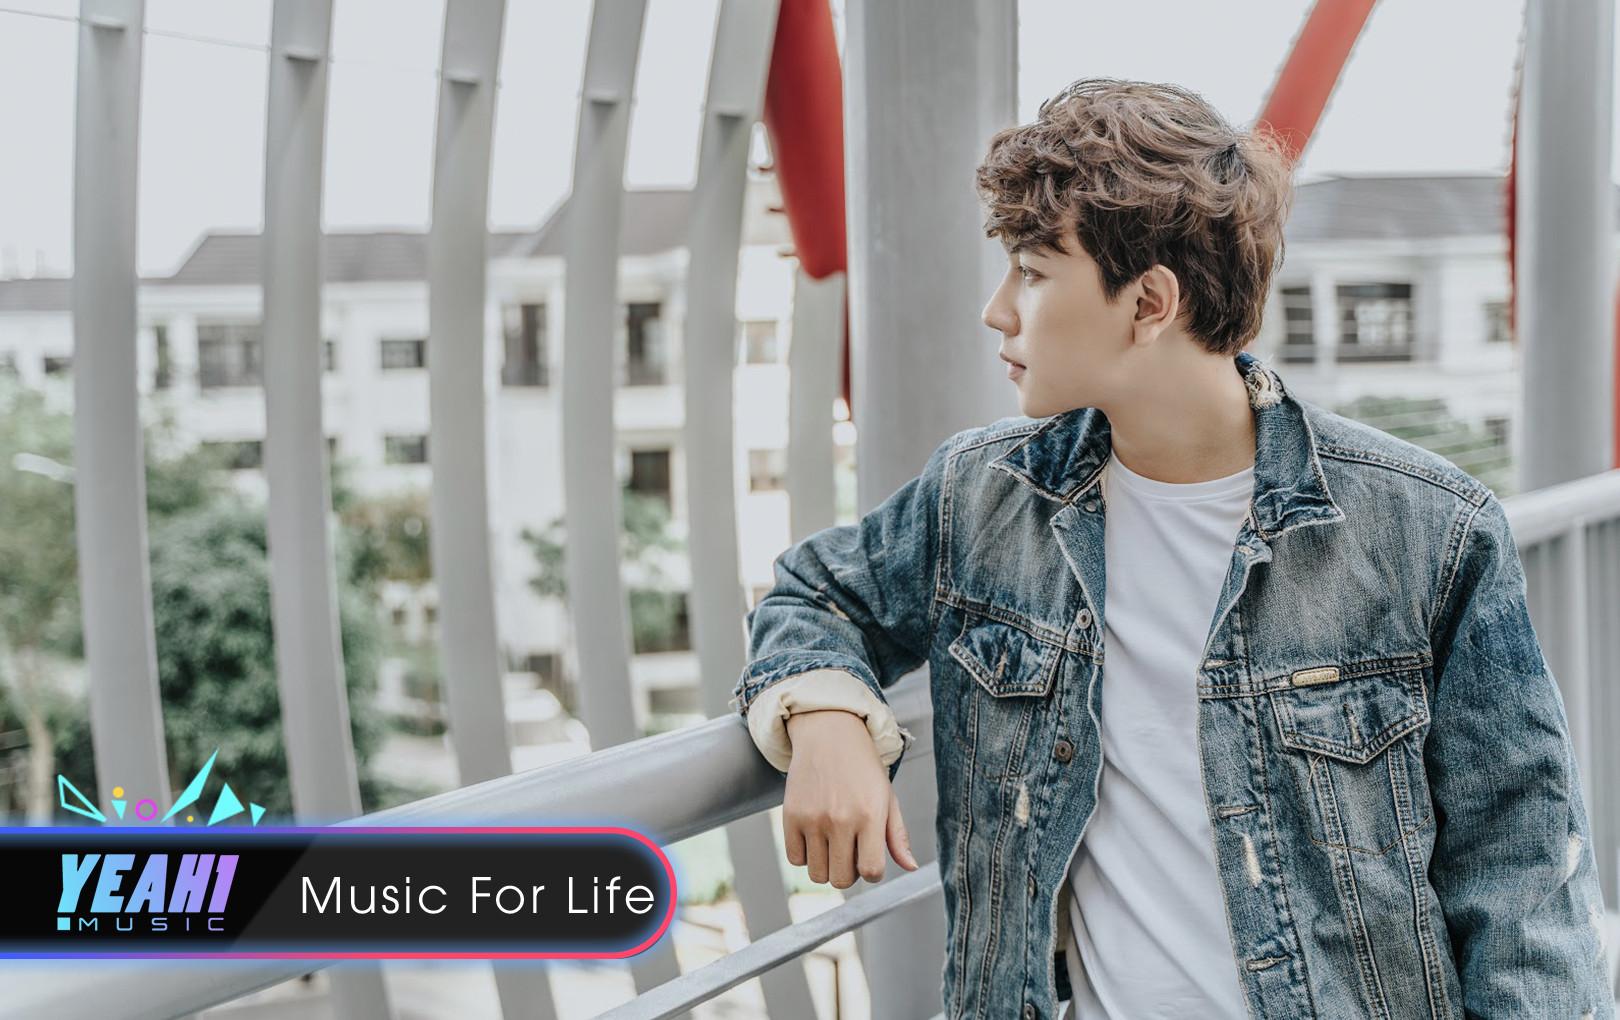 Chàng ca sĩ trẻ Zem tung ca khúc buồn lụi tim dành cho những ai đang trải qua sự lưng chừng trong tình yêu